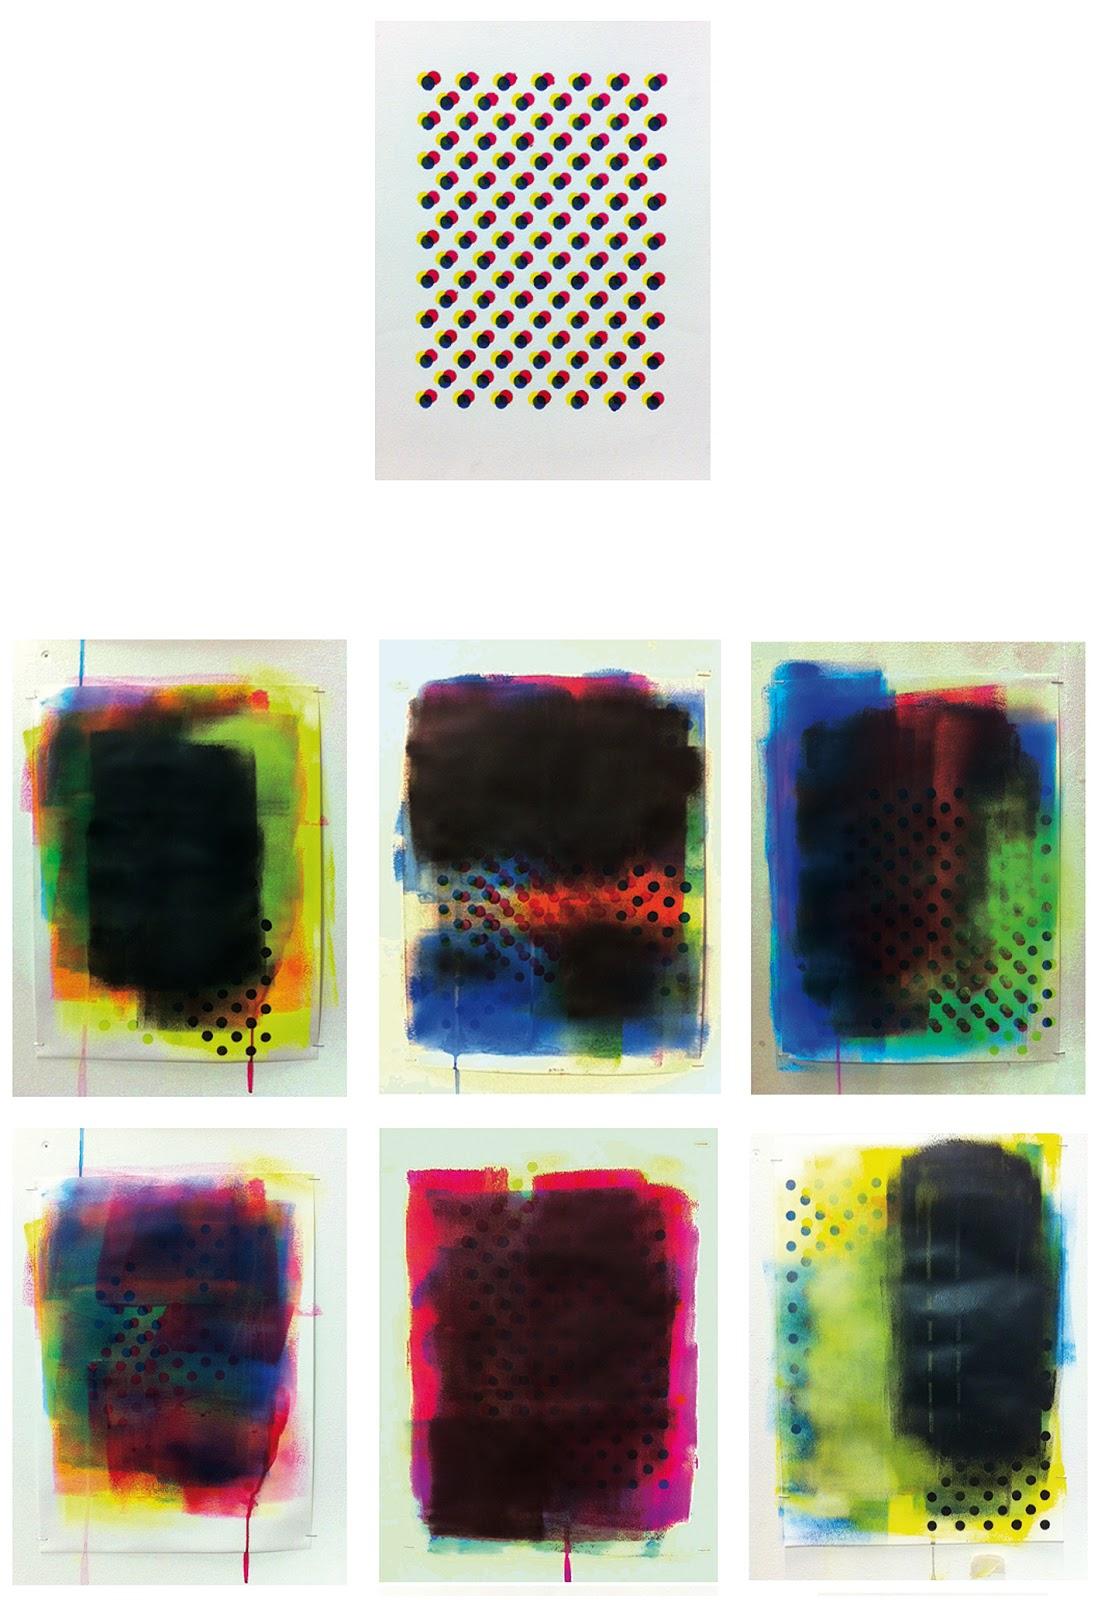 http://4.bp.blogspot.com/_oU9kJQaqXOo/TS3NsbFVKRI/AAAAAAAAATQ/LVW5a_HSYpU/s1600/CMYK+Sketches.jpg